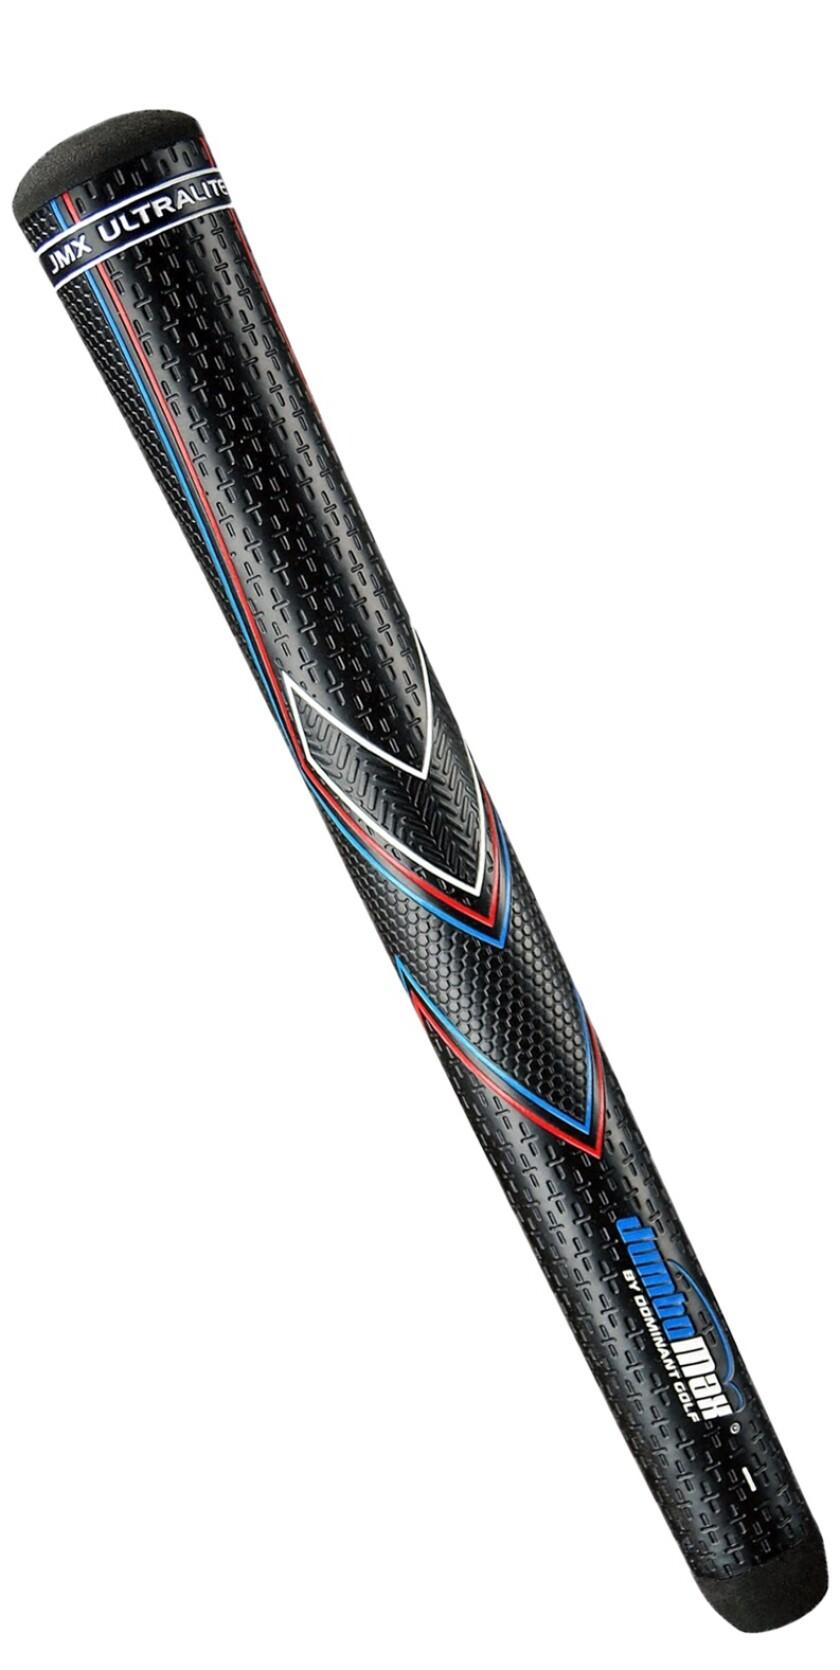 JumboMax — UltraLite Grip